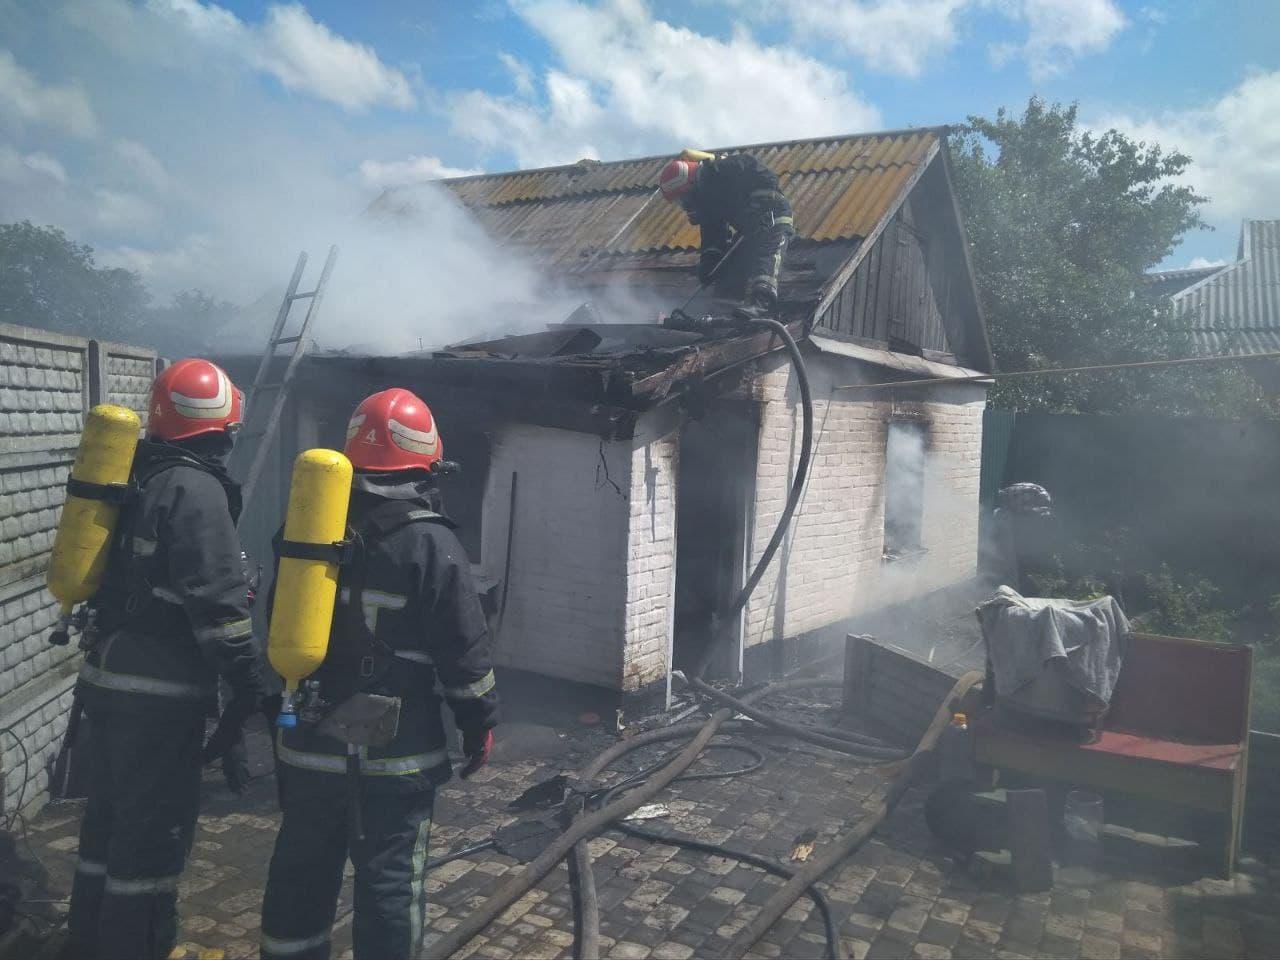 В Александрийском районе в горящем доме спасатели обнаружили тело 39-летнего мужчины (ФОТО)